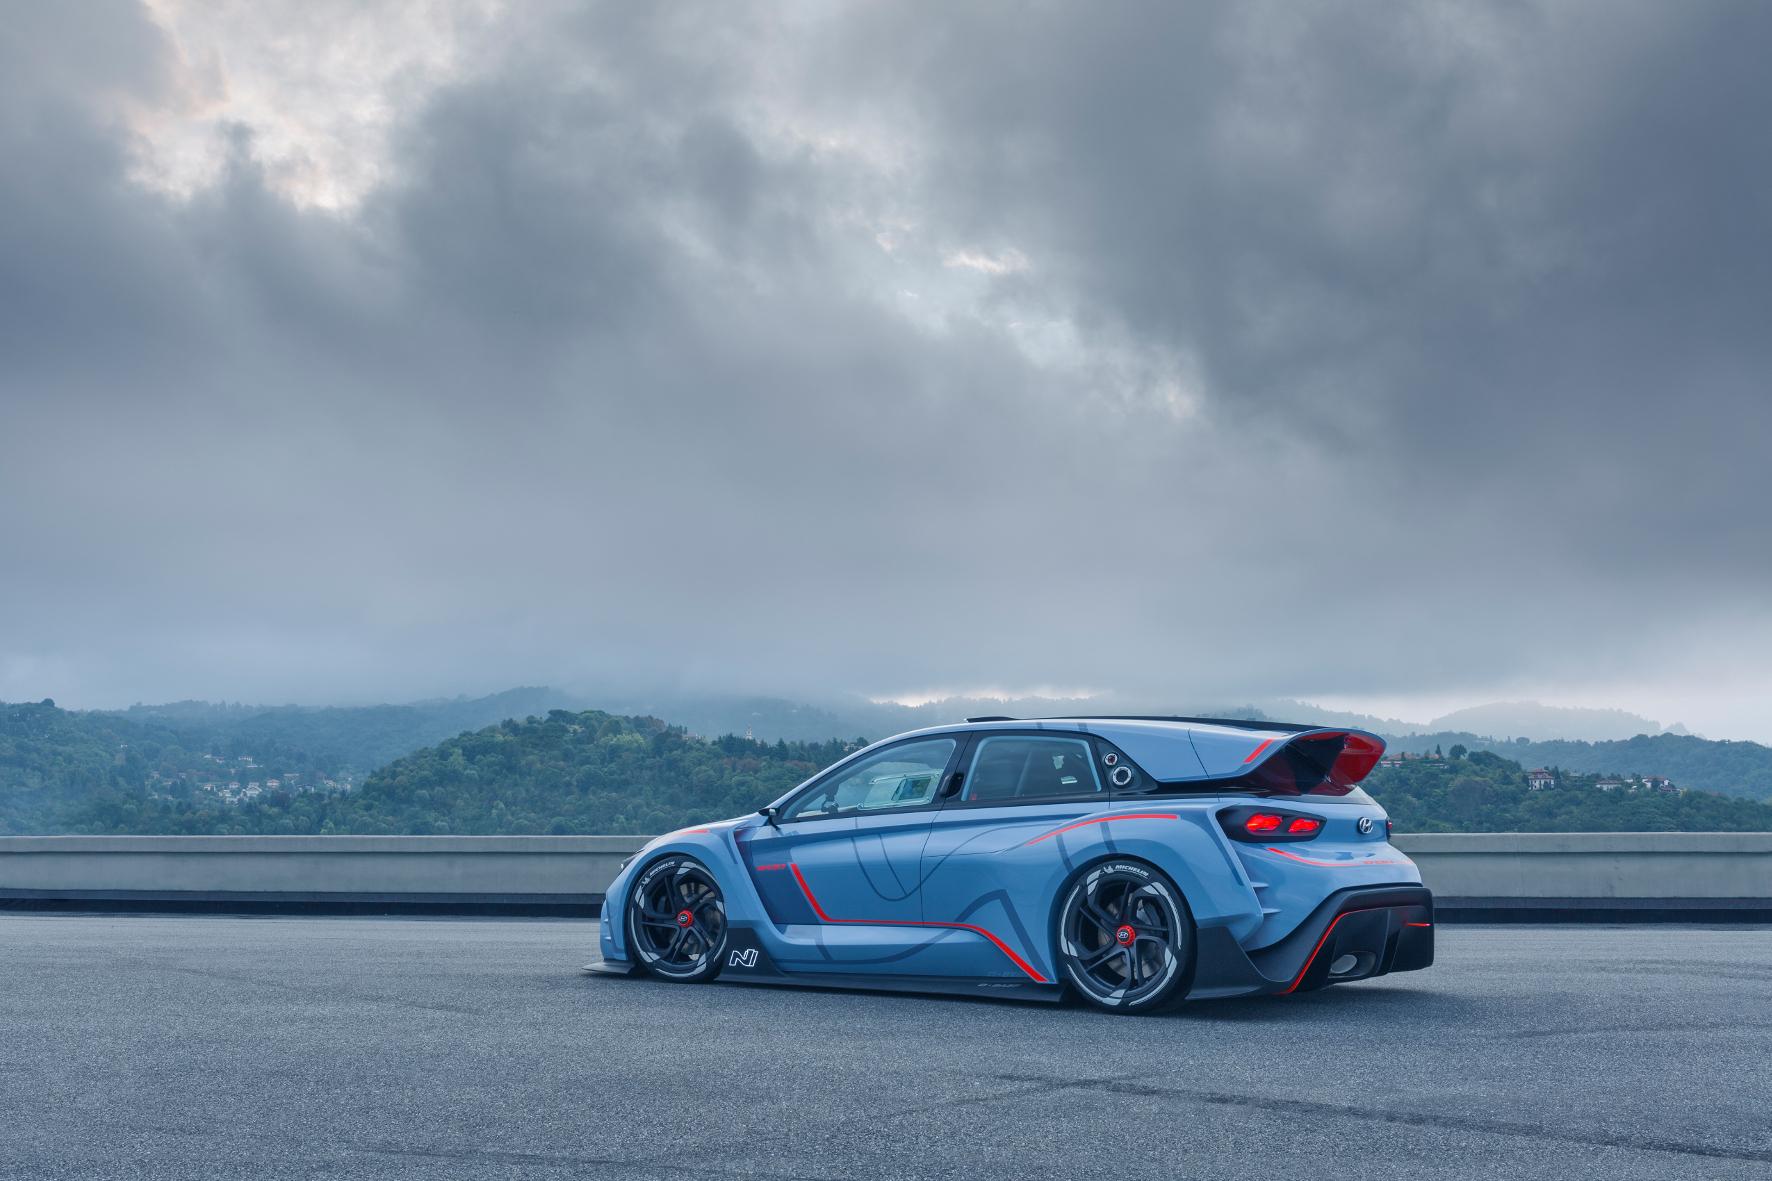 mid Groß-Gerau - Scharfes Schnittchen: So stellt sich Hyundai die neue Linie von Sportversionen in der Modellpalette vor. Der RN30 hat eine leichte Karosserie aus neu entwickeltem Kunststoff.